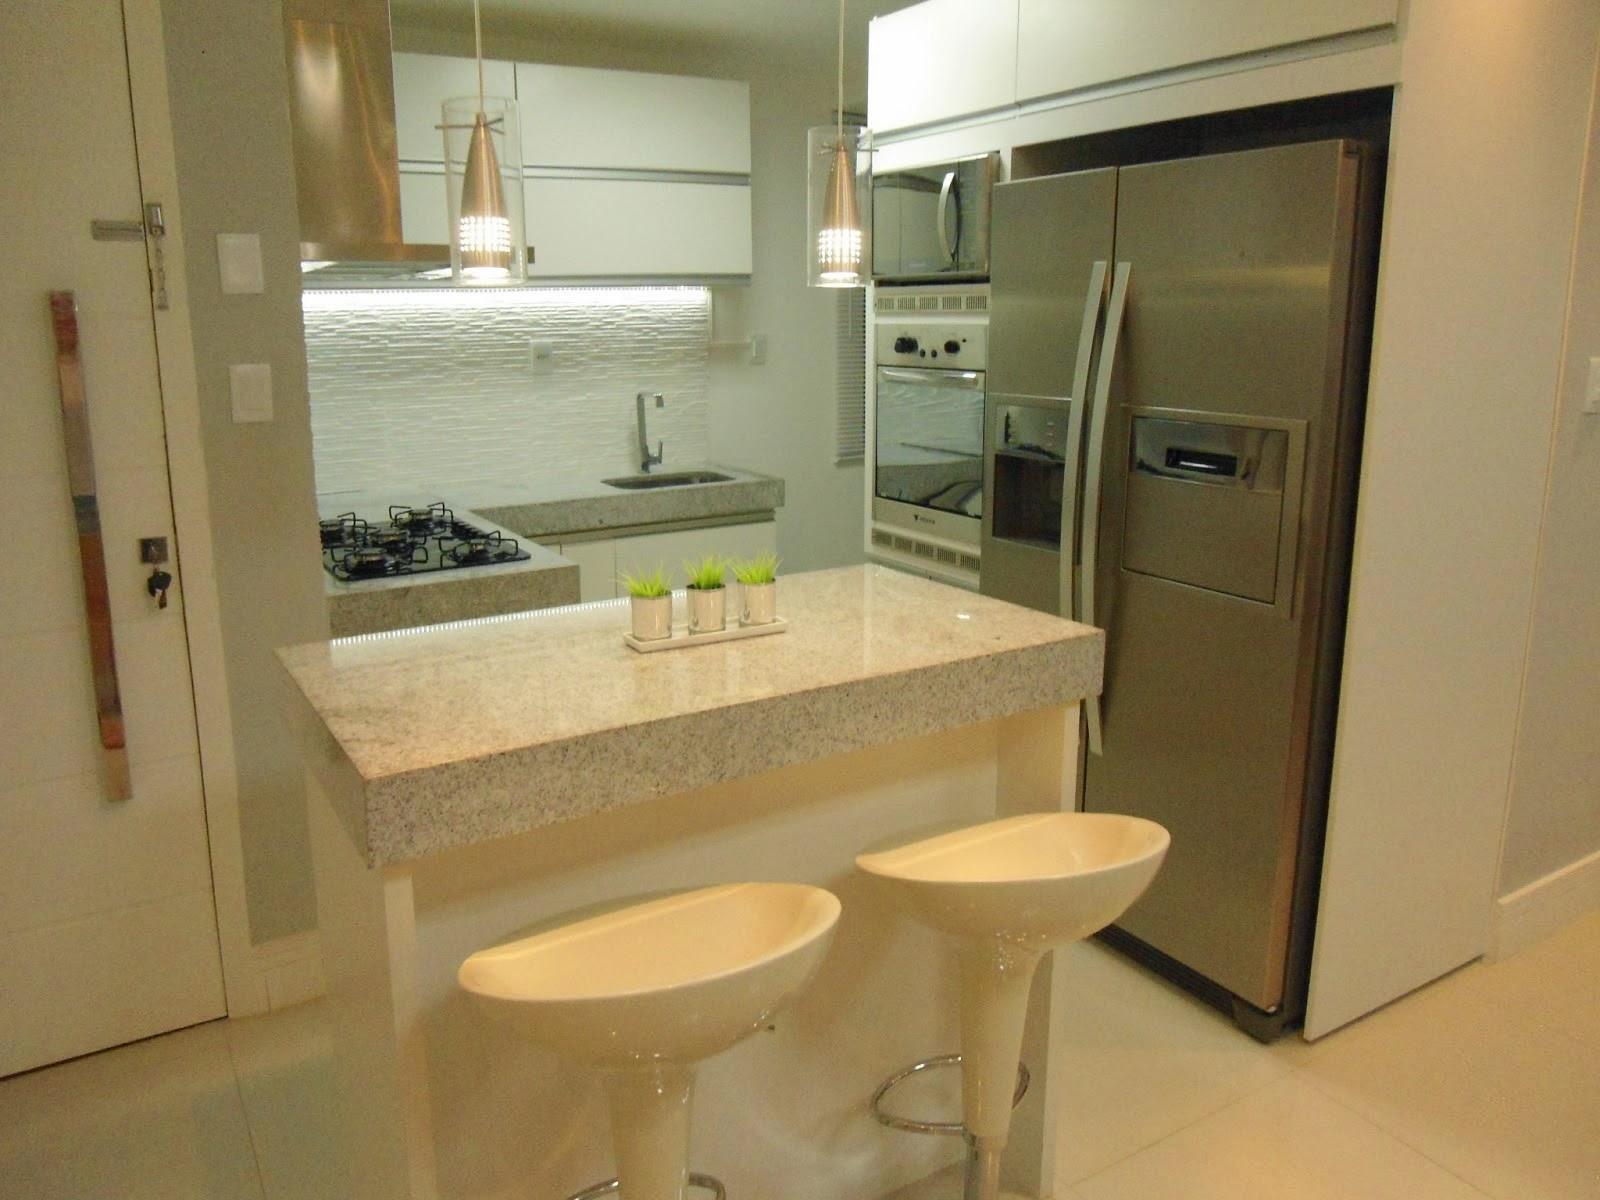 13  Cozinha pequena e funcional! Ilha servindo de bancada de  #8E703D 1600 1200